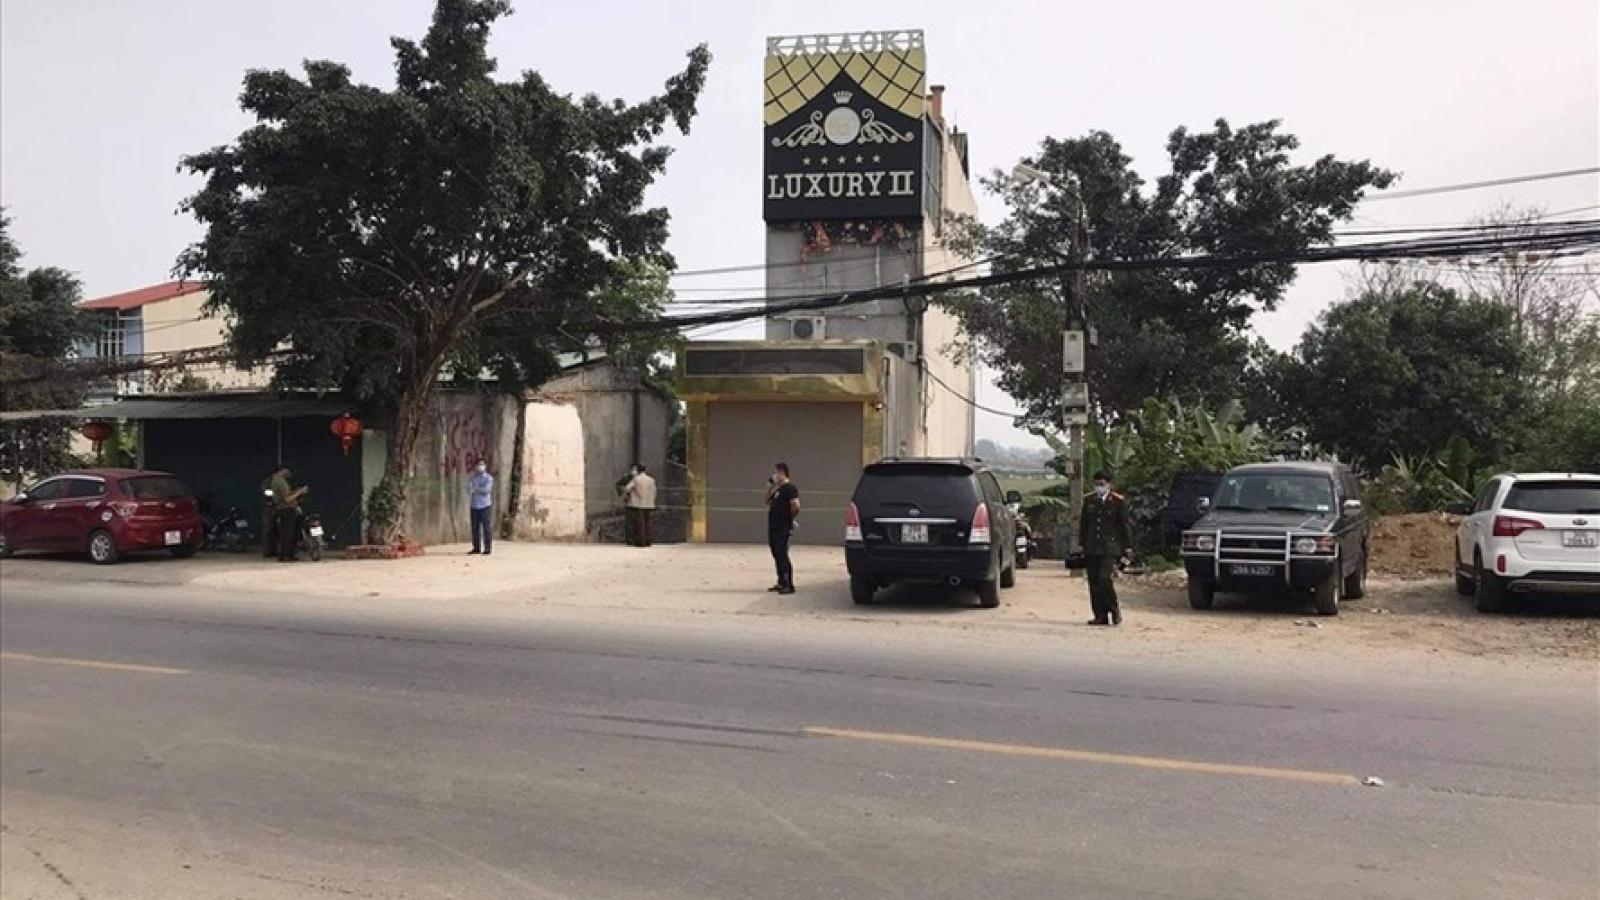 Khởi tố đối tượng đâm 3 người tử vong tại quán karaoke ở Hòa Bình